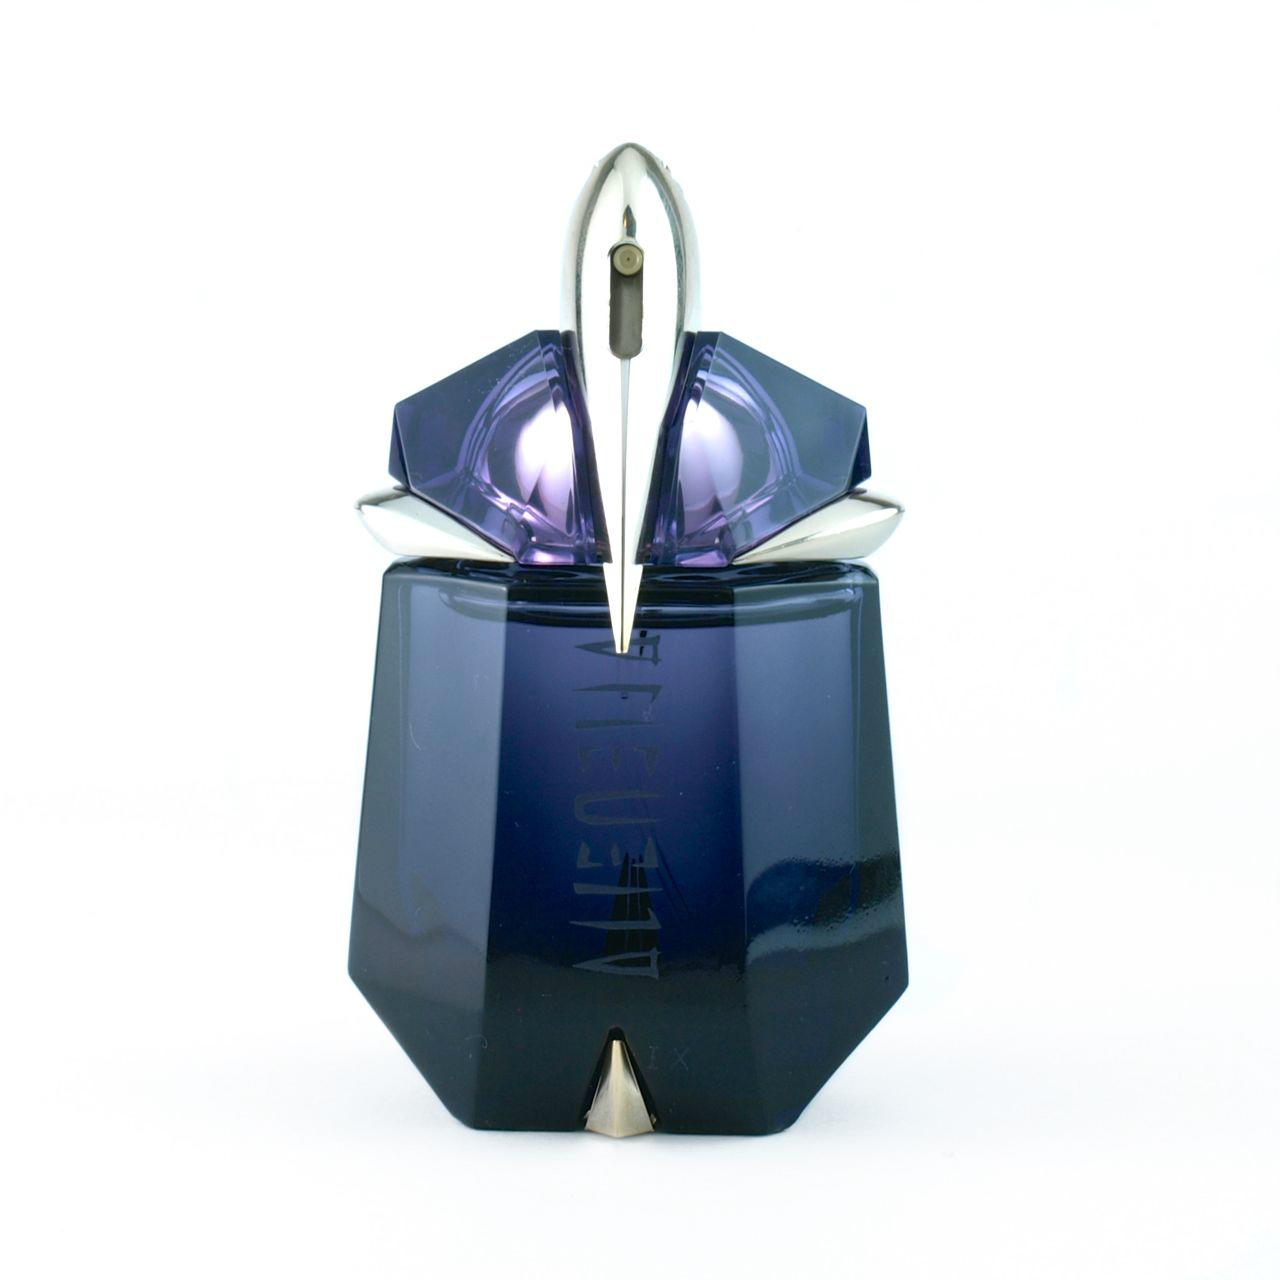 Alien Thierry Mugler Eau de Parfum: Review